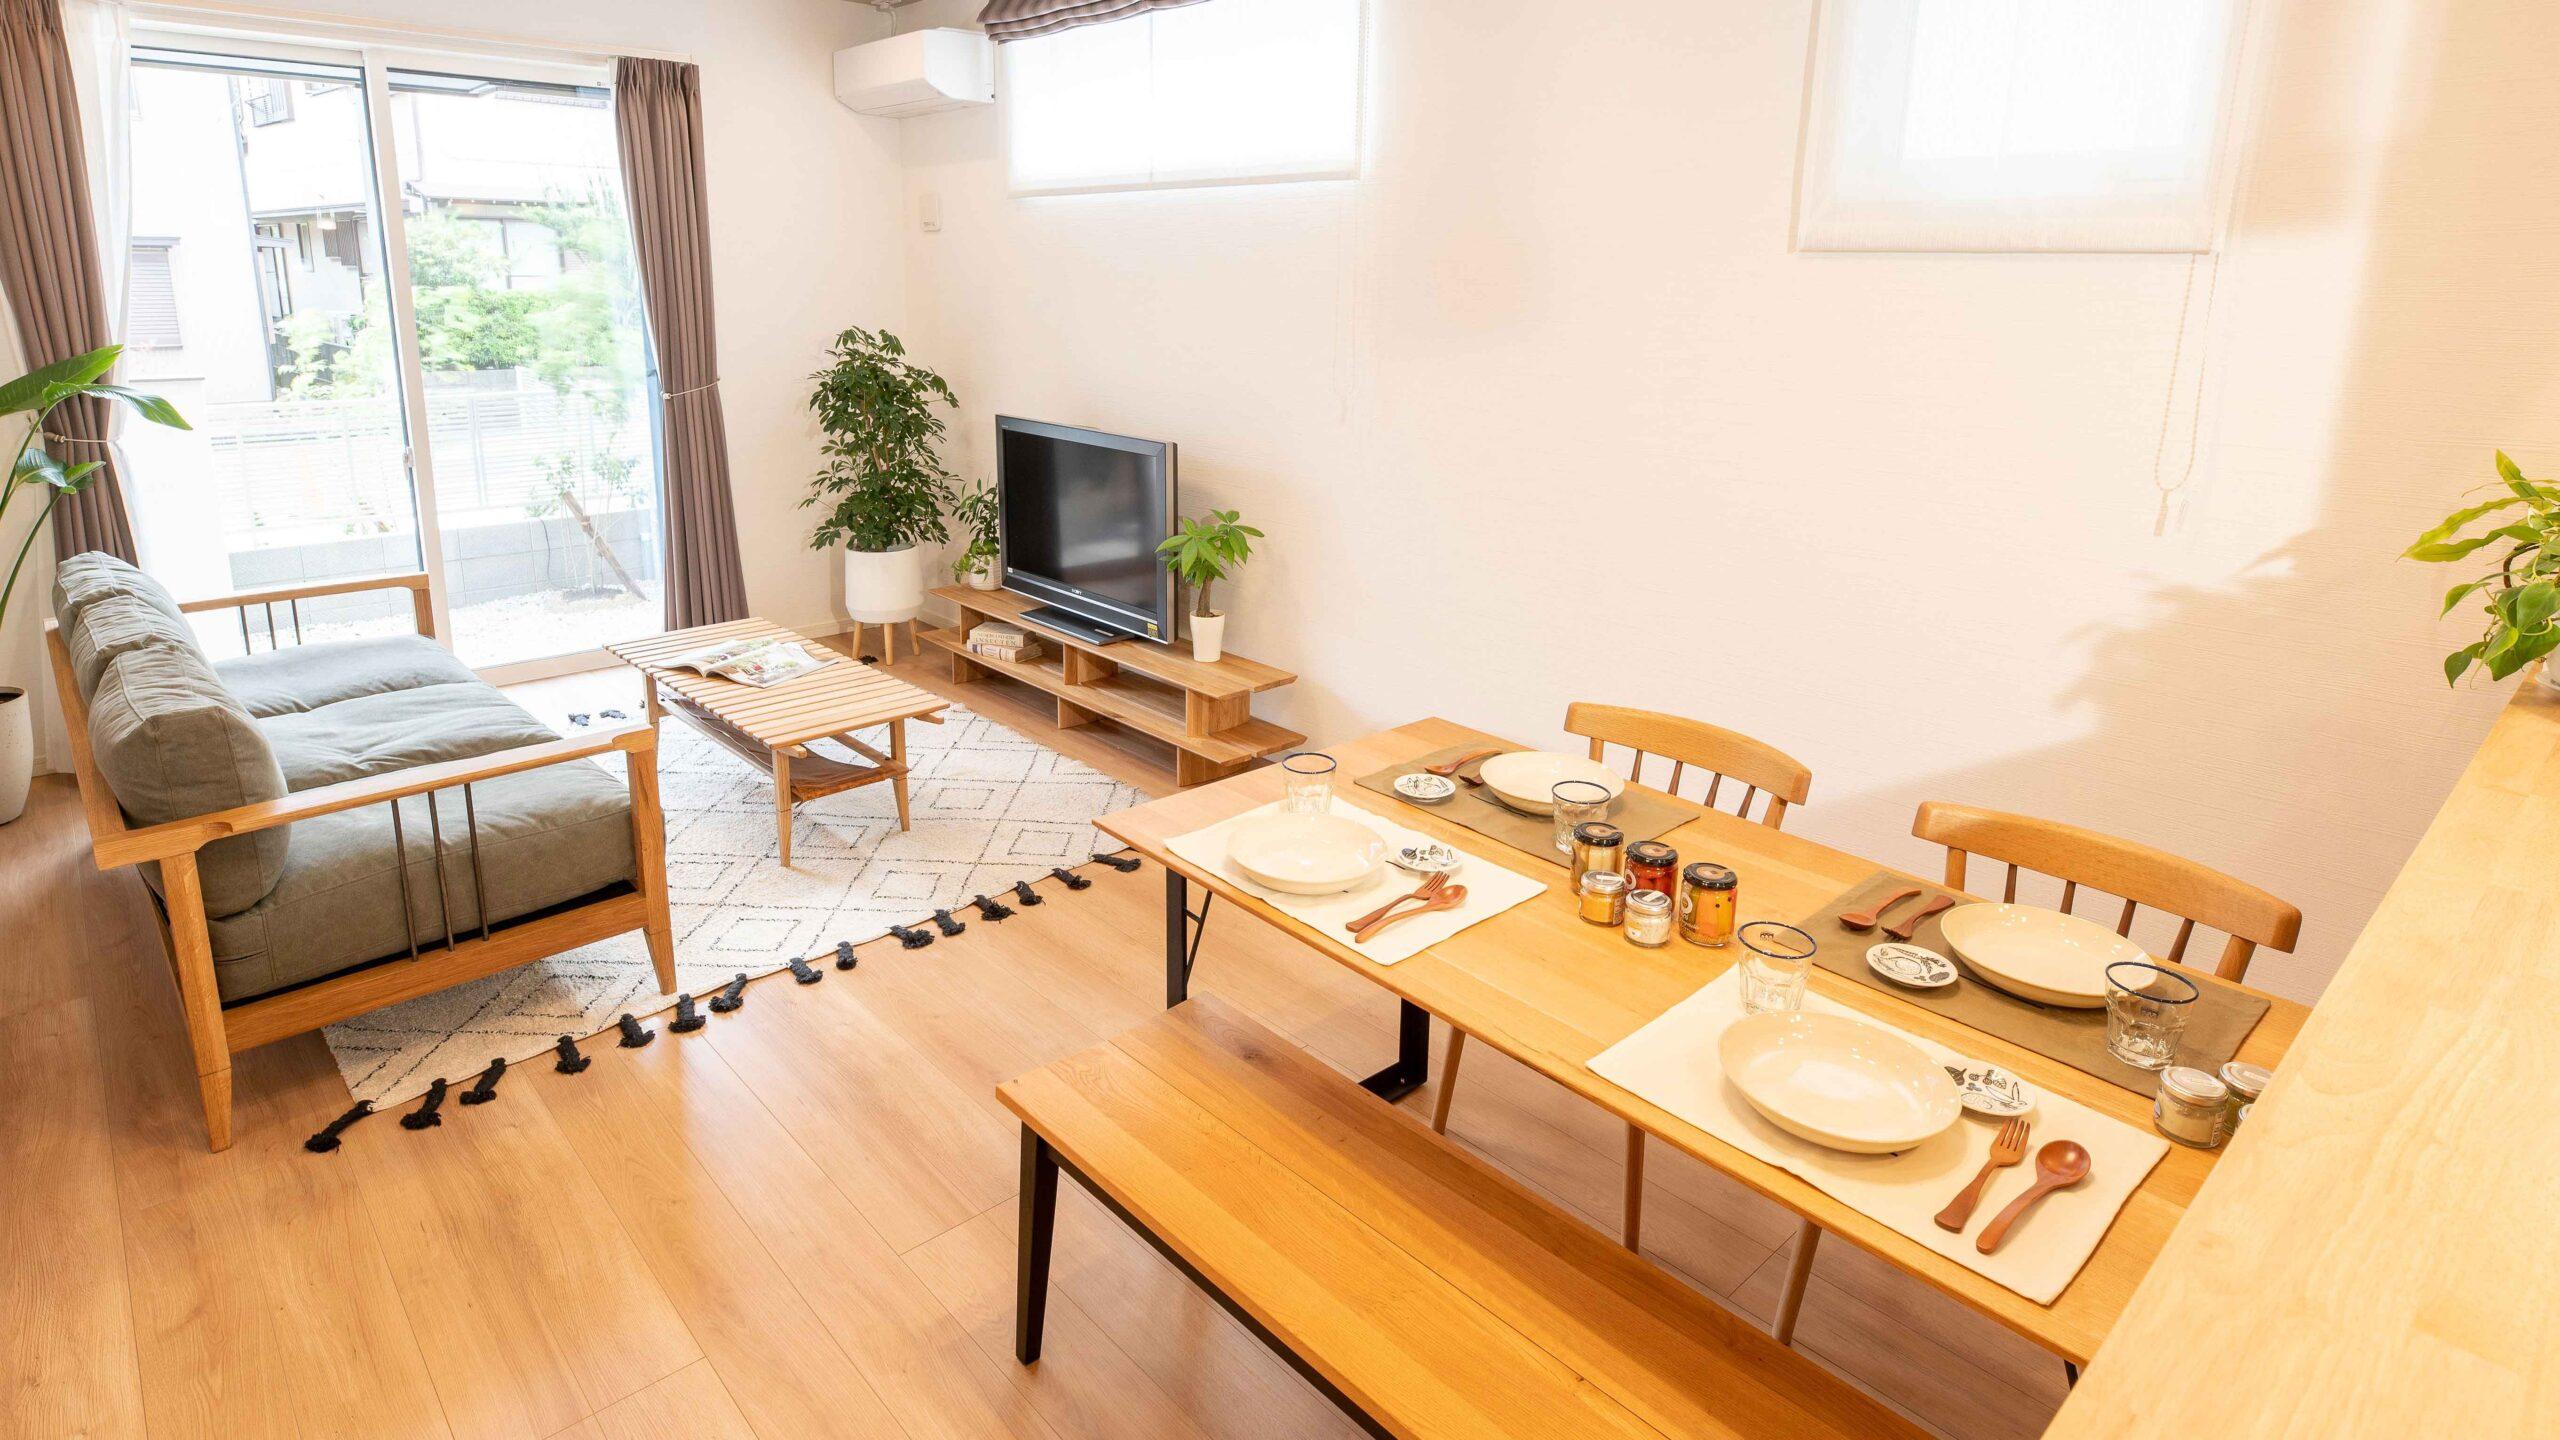 豊川市の御油町の新築のリビングの画像。ナチュラルテイストのコーディネート家具